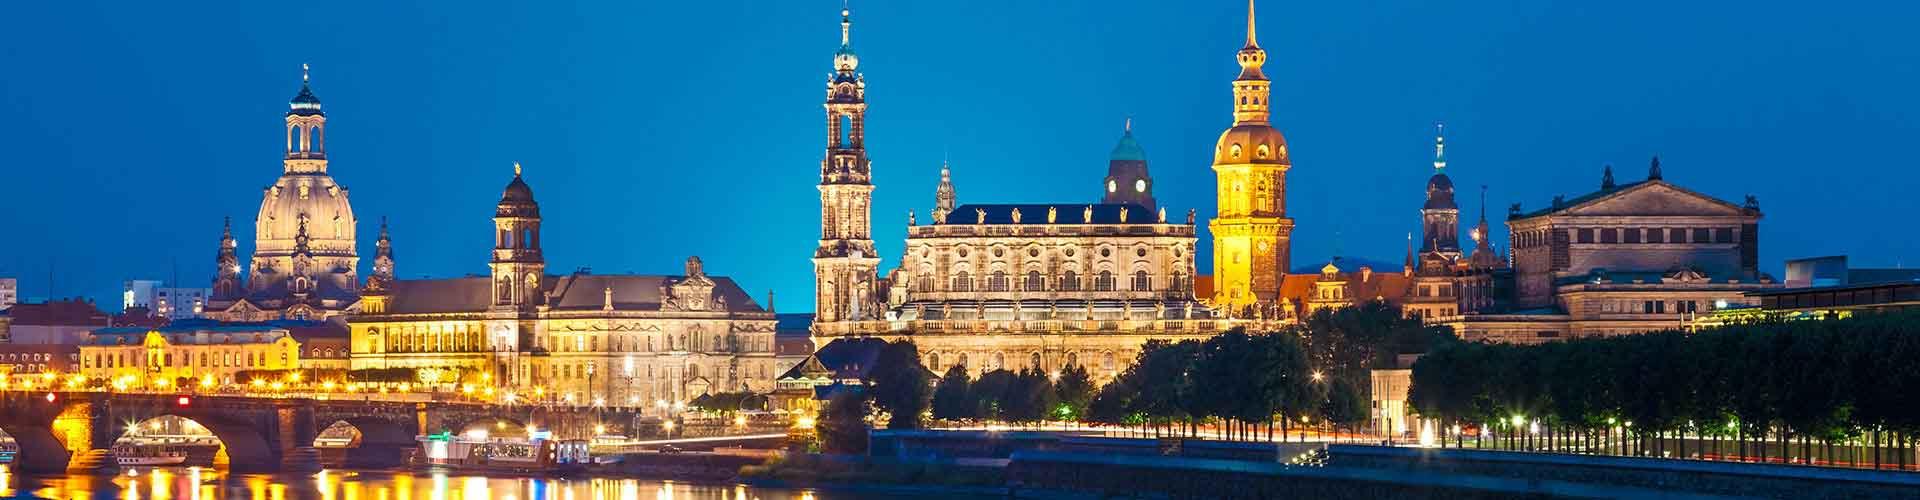 Dresde - Auberges de jeunesse dans le quartier de Seevorstadt-Ost. Cartes pour Dresde, photos et commentaires pour chaque auberge de jeunesse à Dresde.